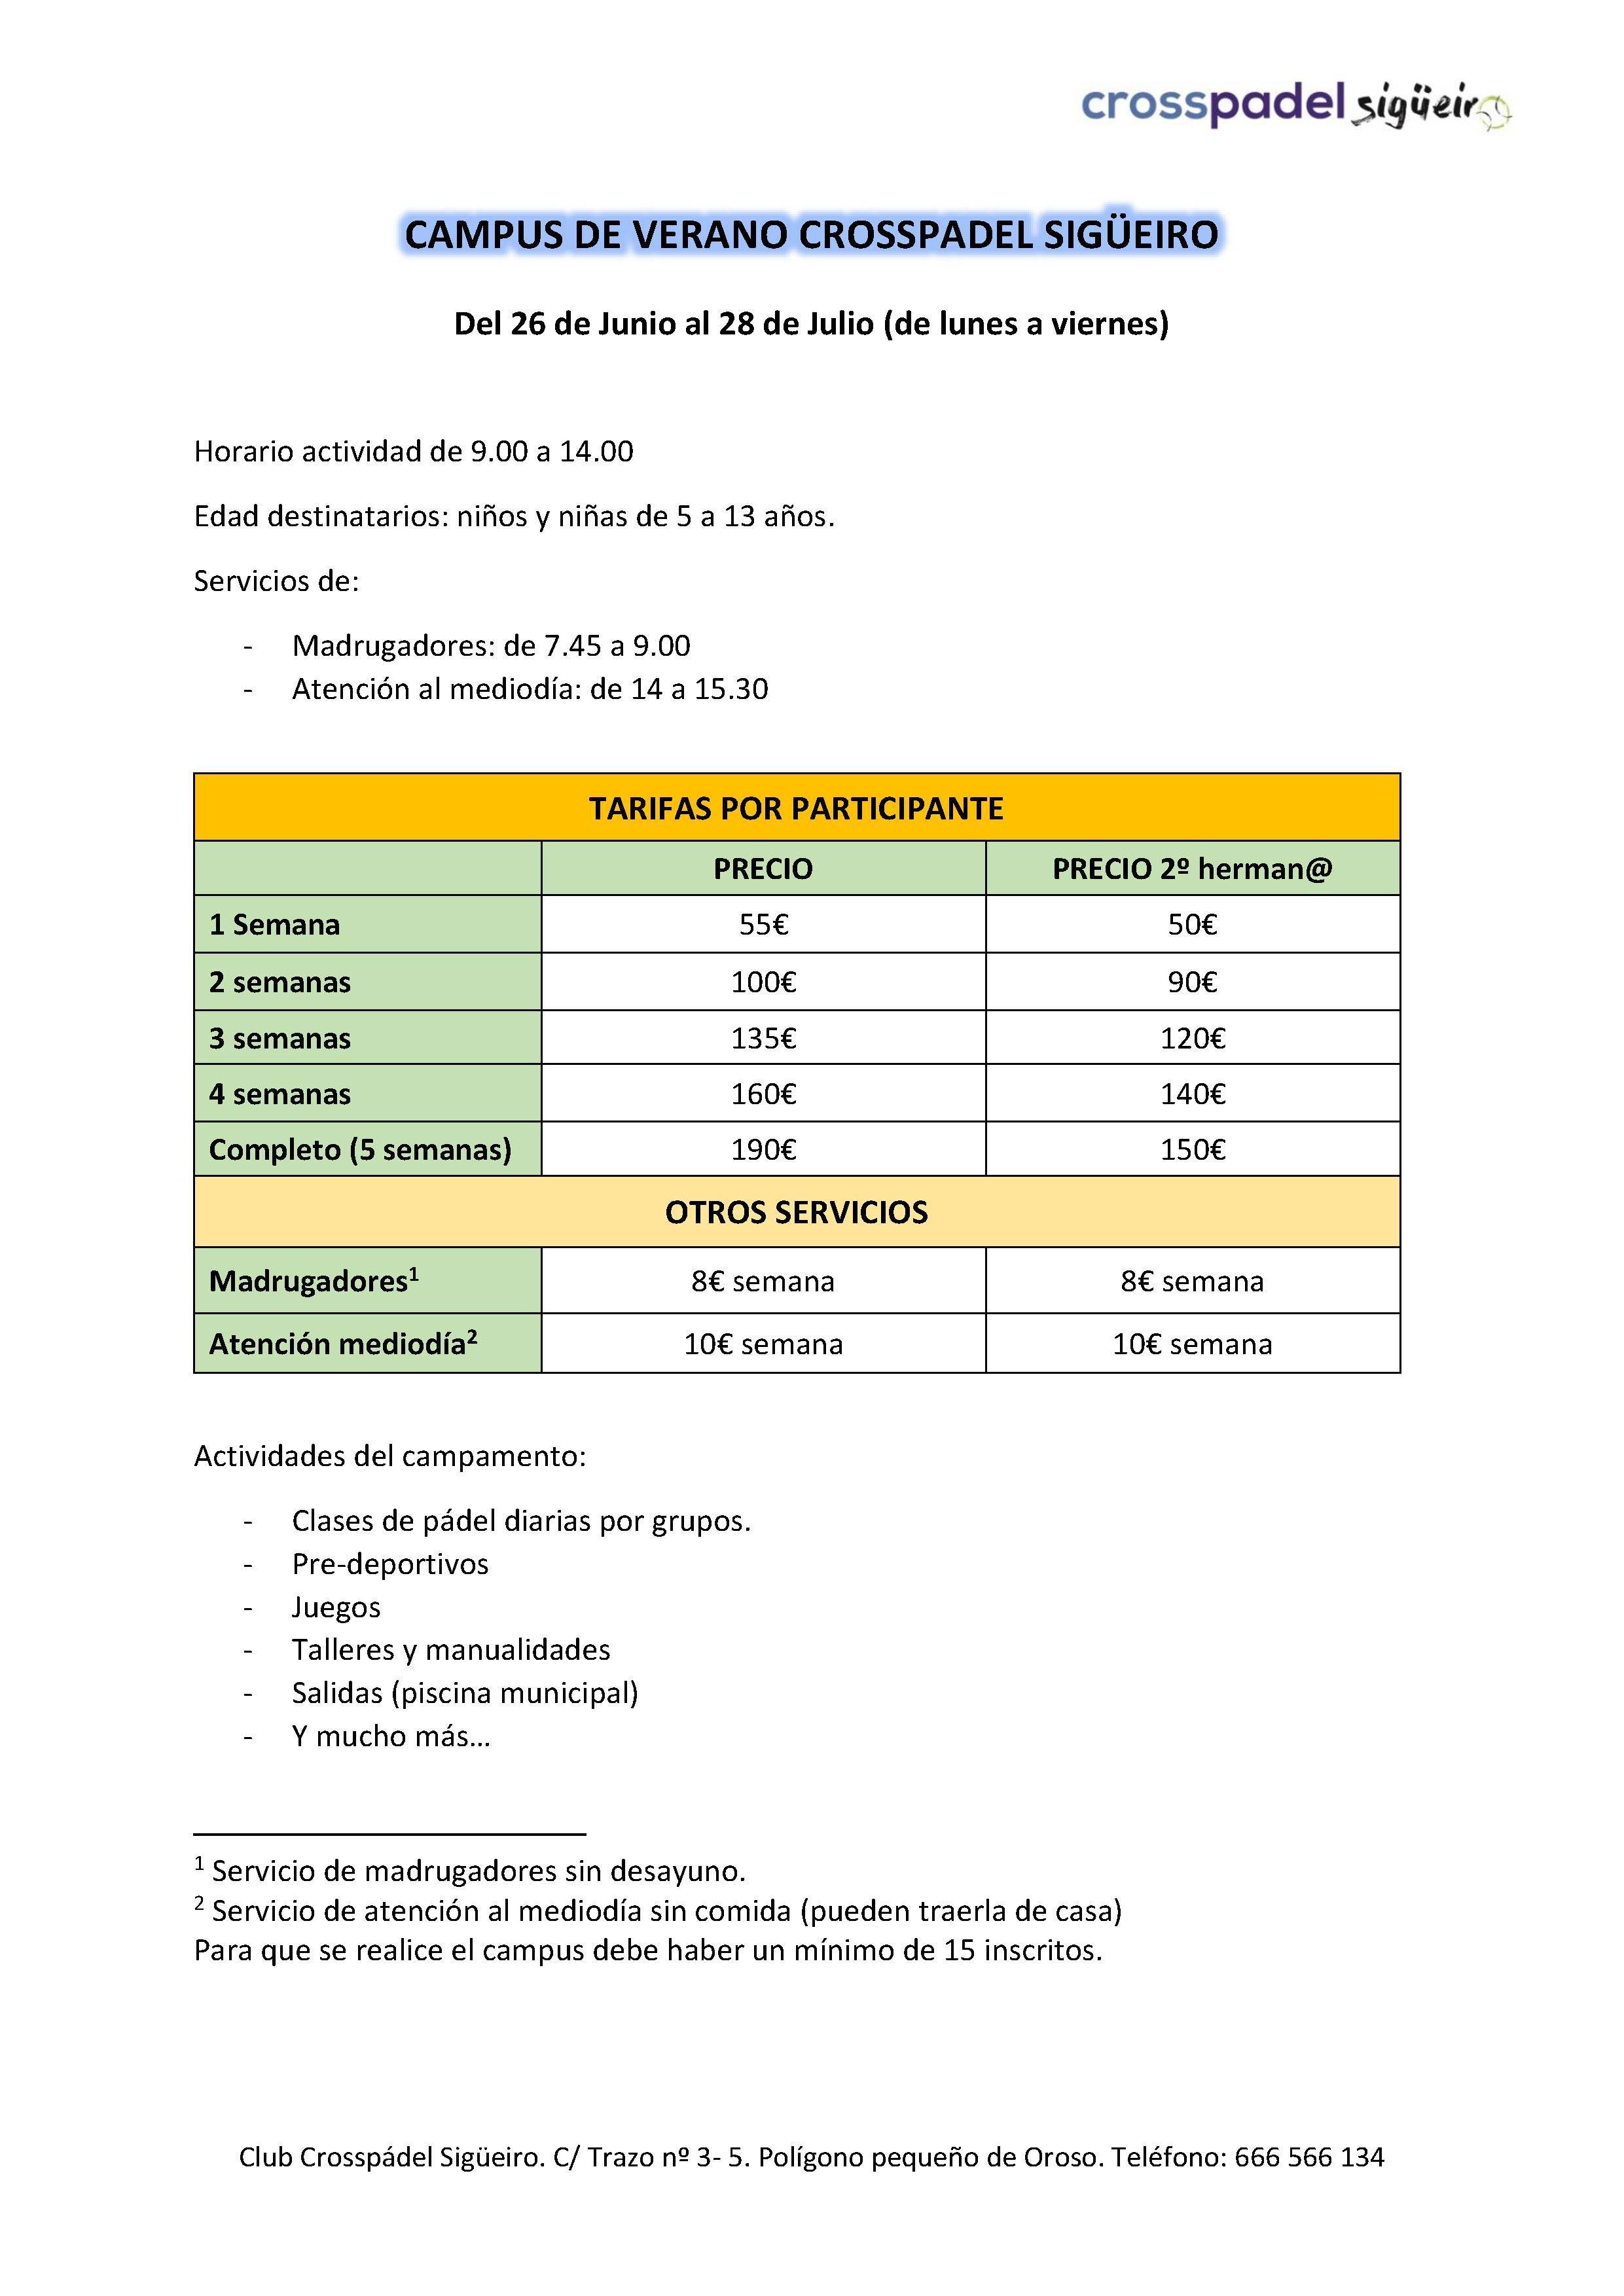 campus crosspadel sigueiro verano 2017 - tarifas